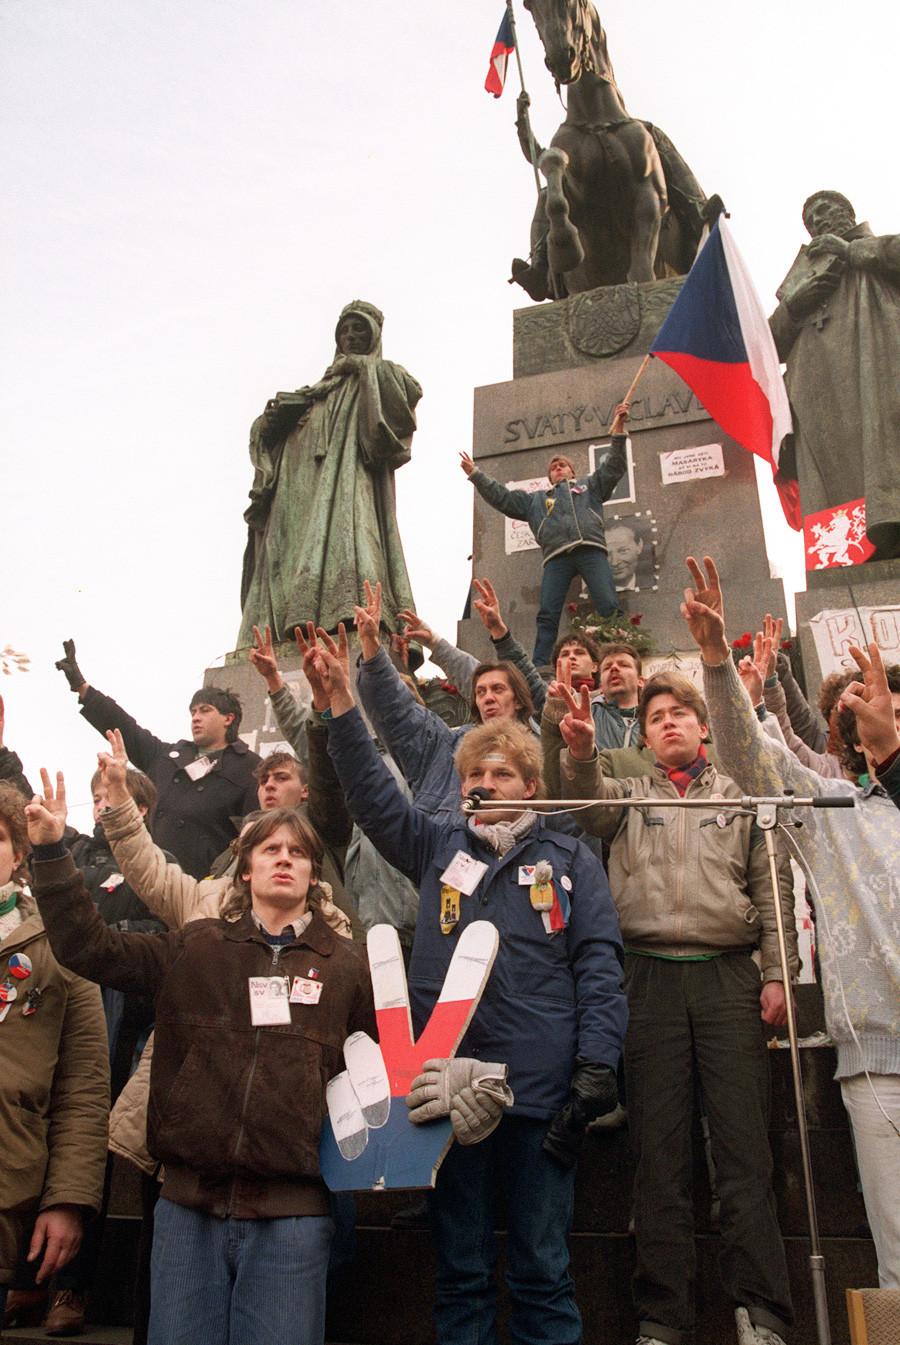 Un groupe de jeunes citoyens de Tchécoslovaquie célébrant, le 11 décembre 1989 à Prague, la nomination du premier gouvernement non communiste en 40 ans.